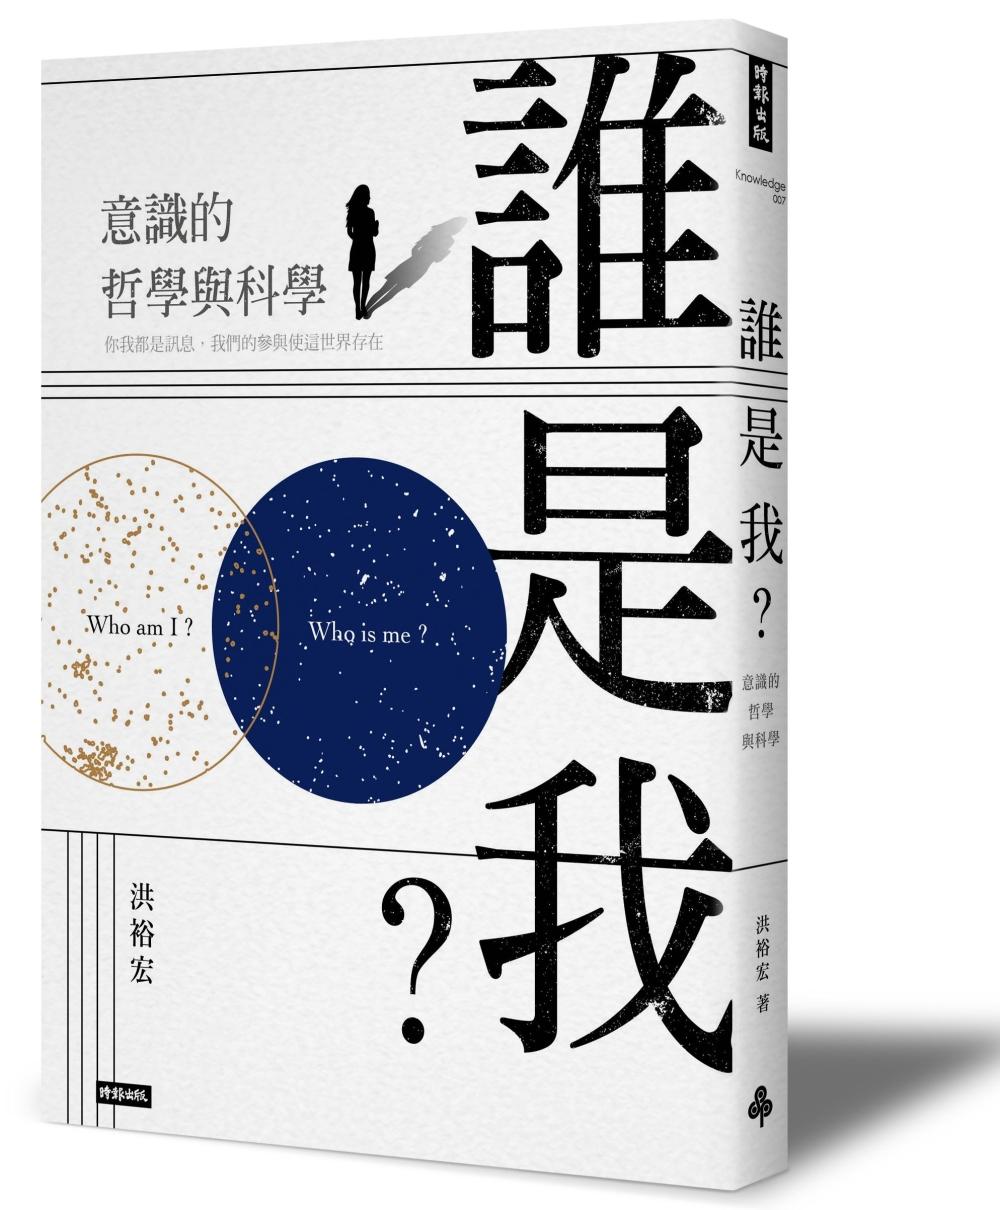 誰是我?意識的哲學與科學